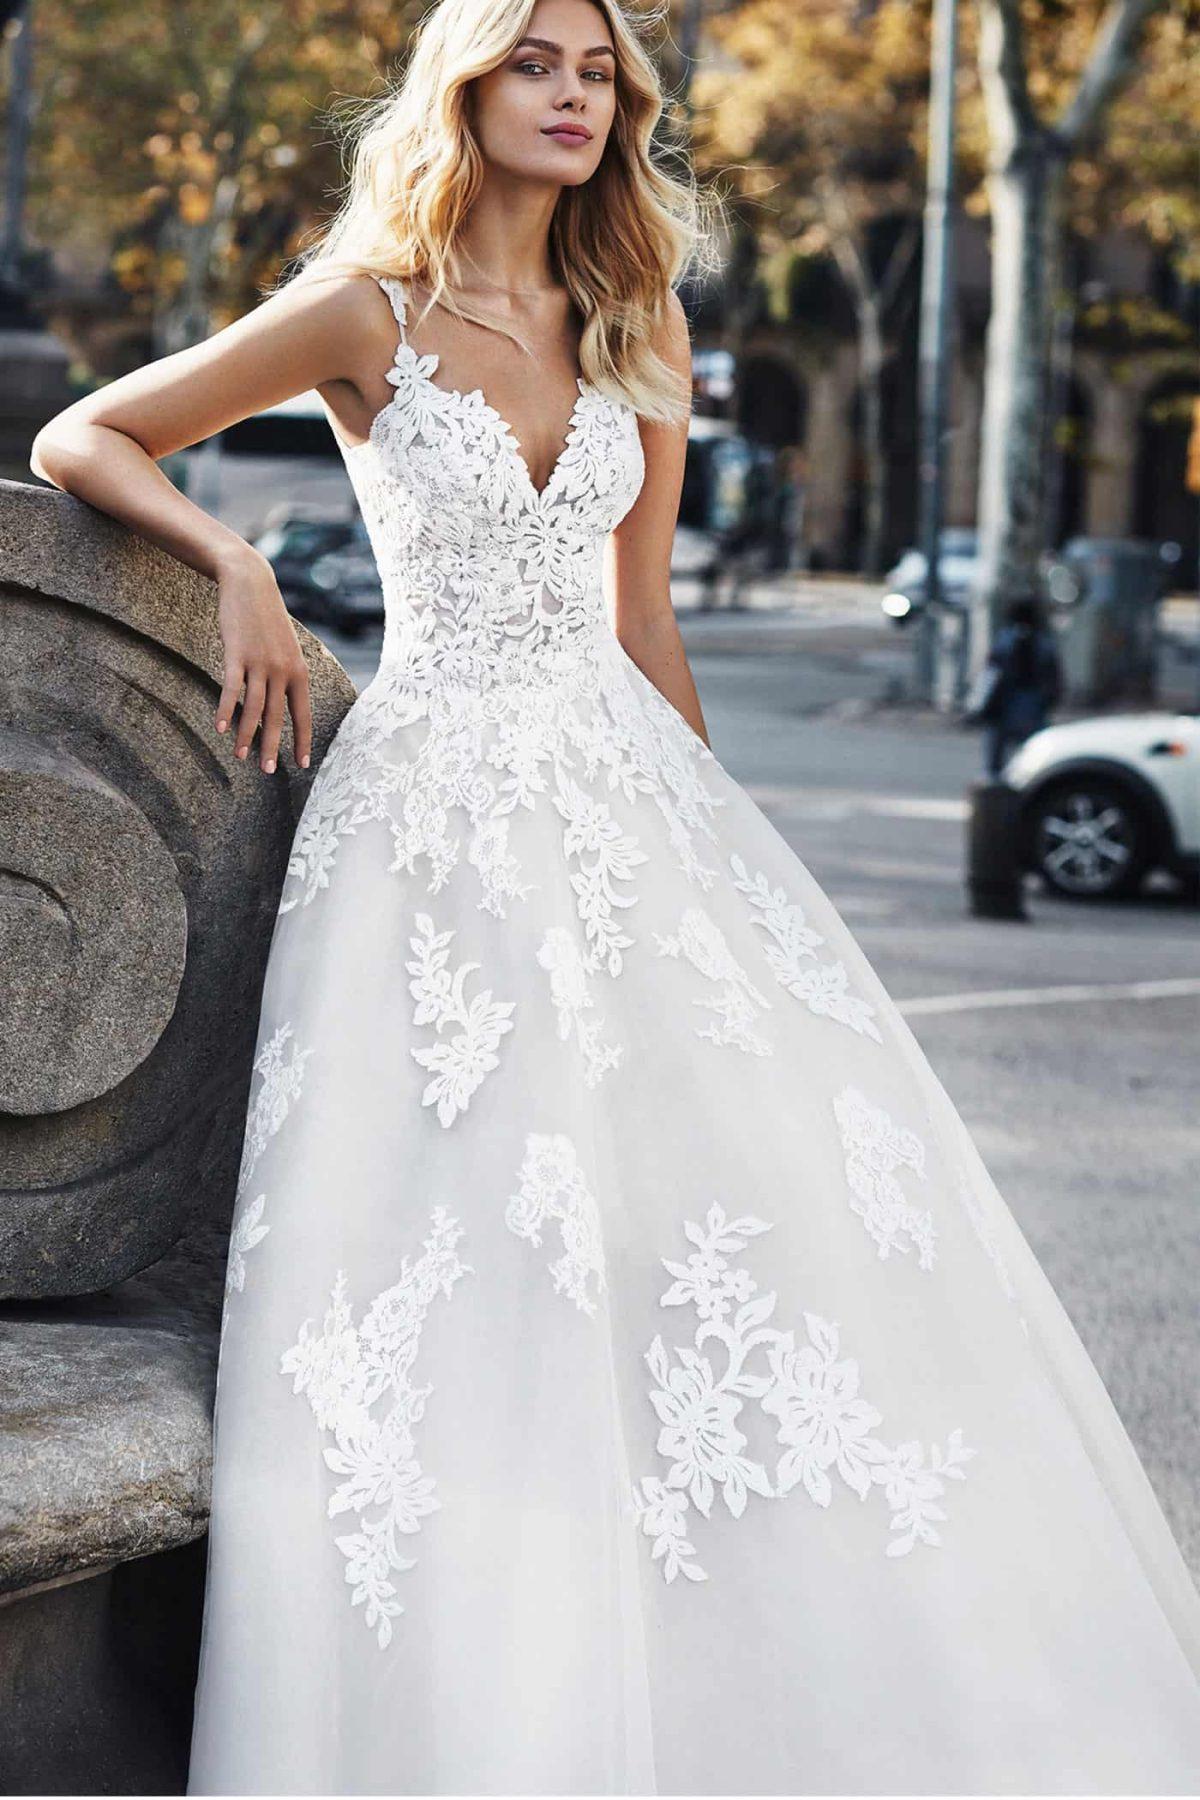 Luna Novias Verti   Prinzessinnen Brautkleid   Hochzeitskleid A-Linie   Brautmode Köln Anna Moda   P